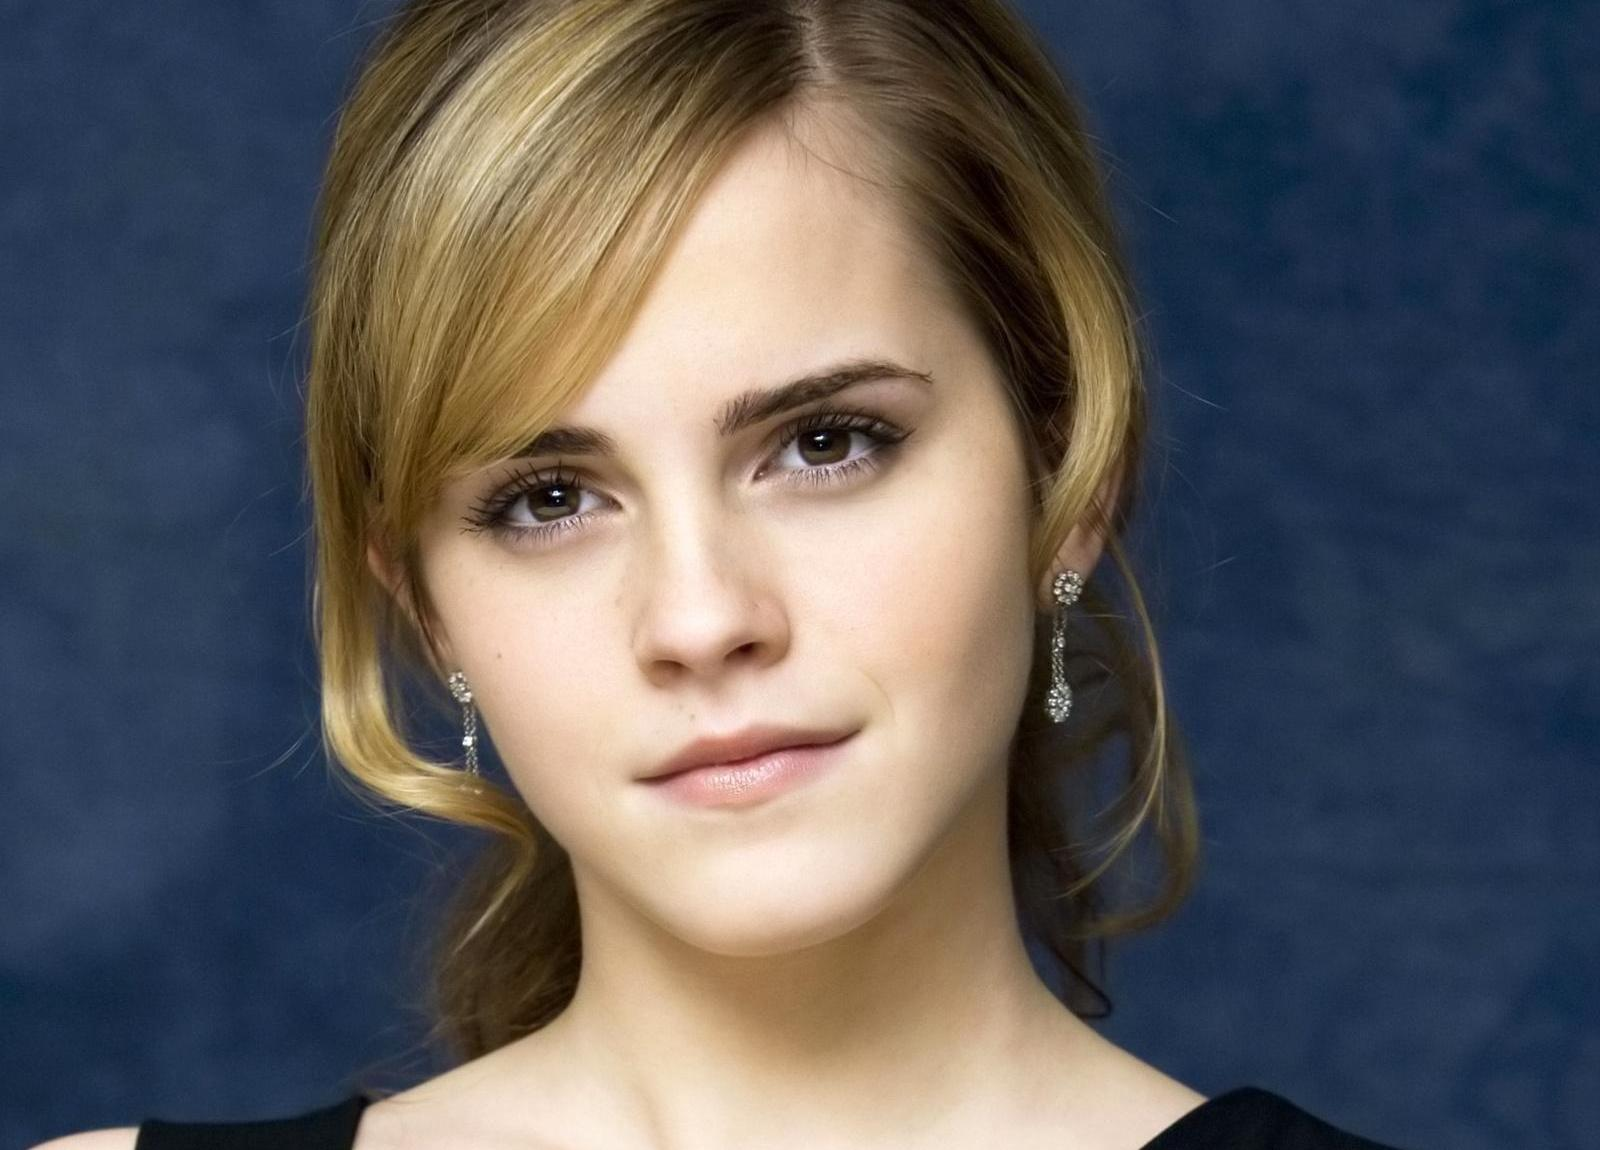 Emma Watson, in discut...